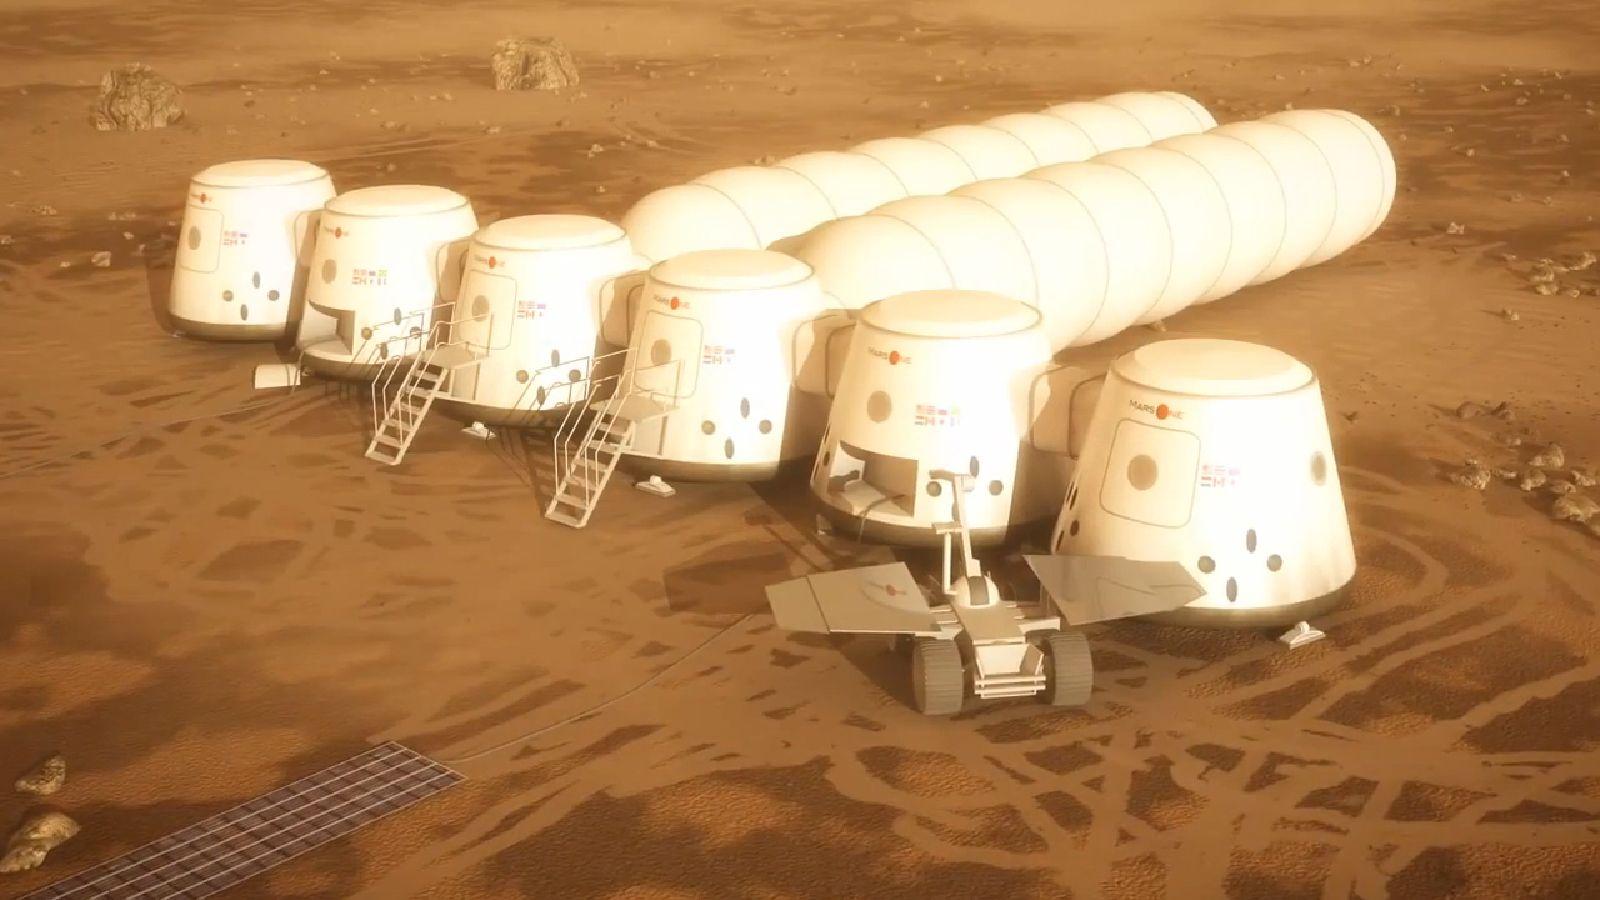 Mars 900